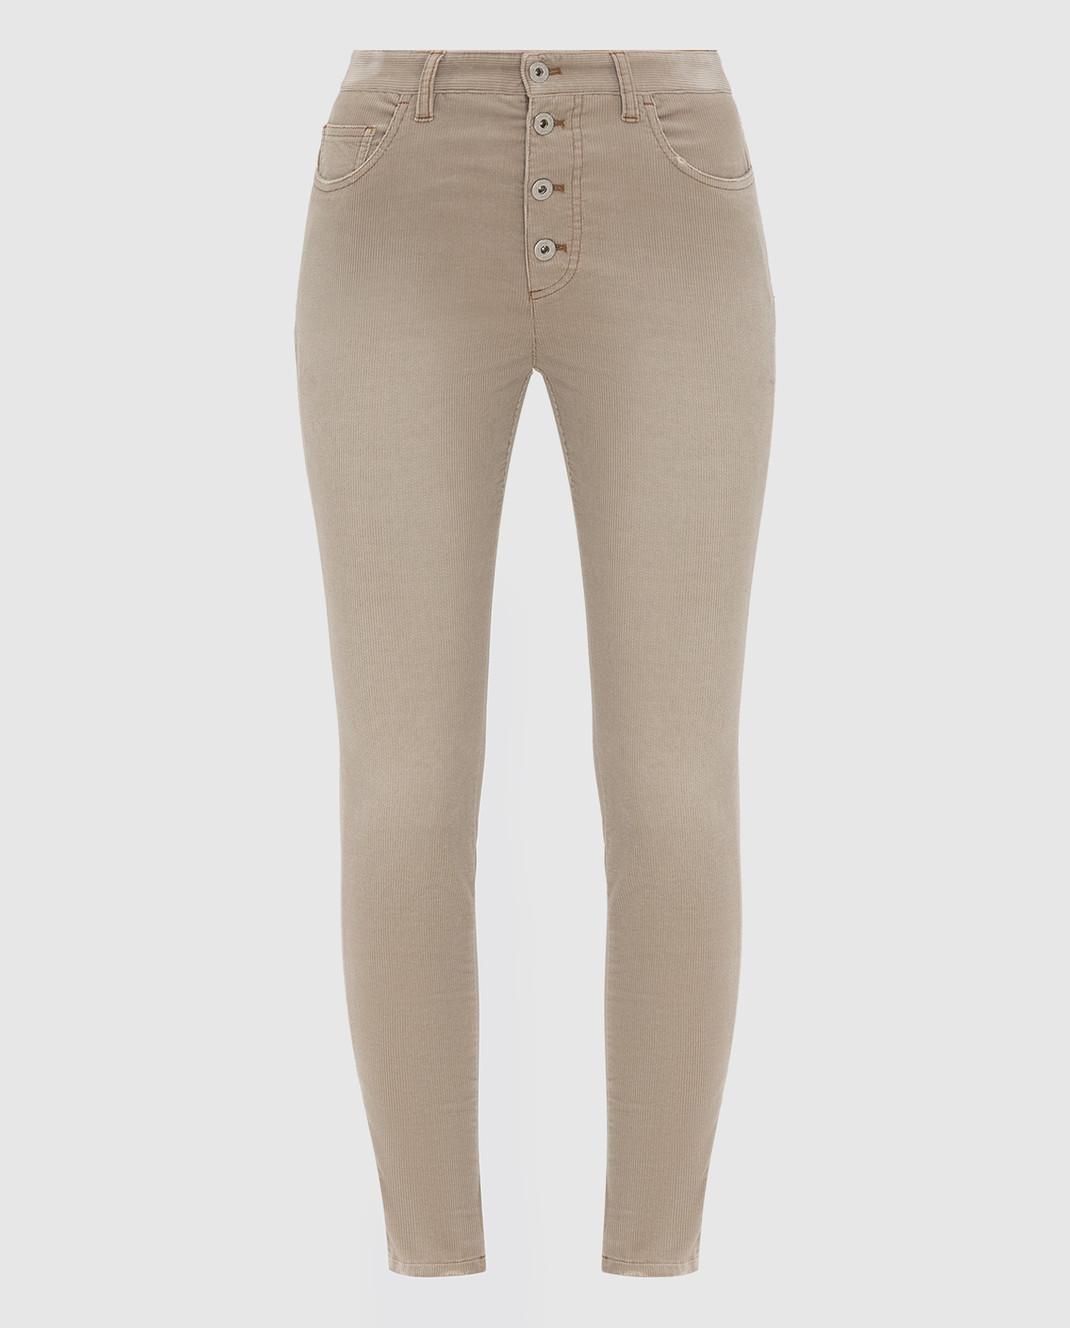 Miu Miu Бежевые вельветовые джинсы изображение 1